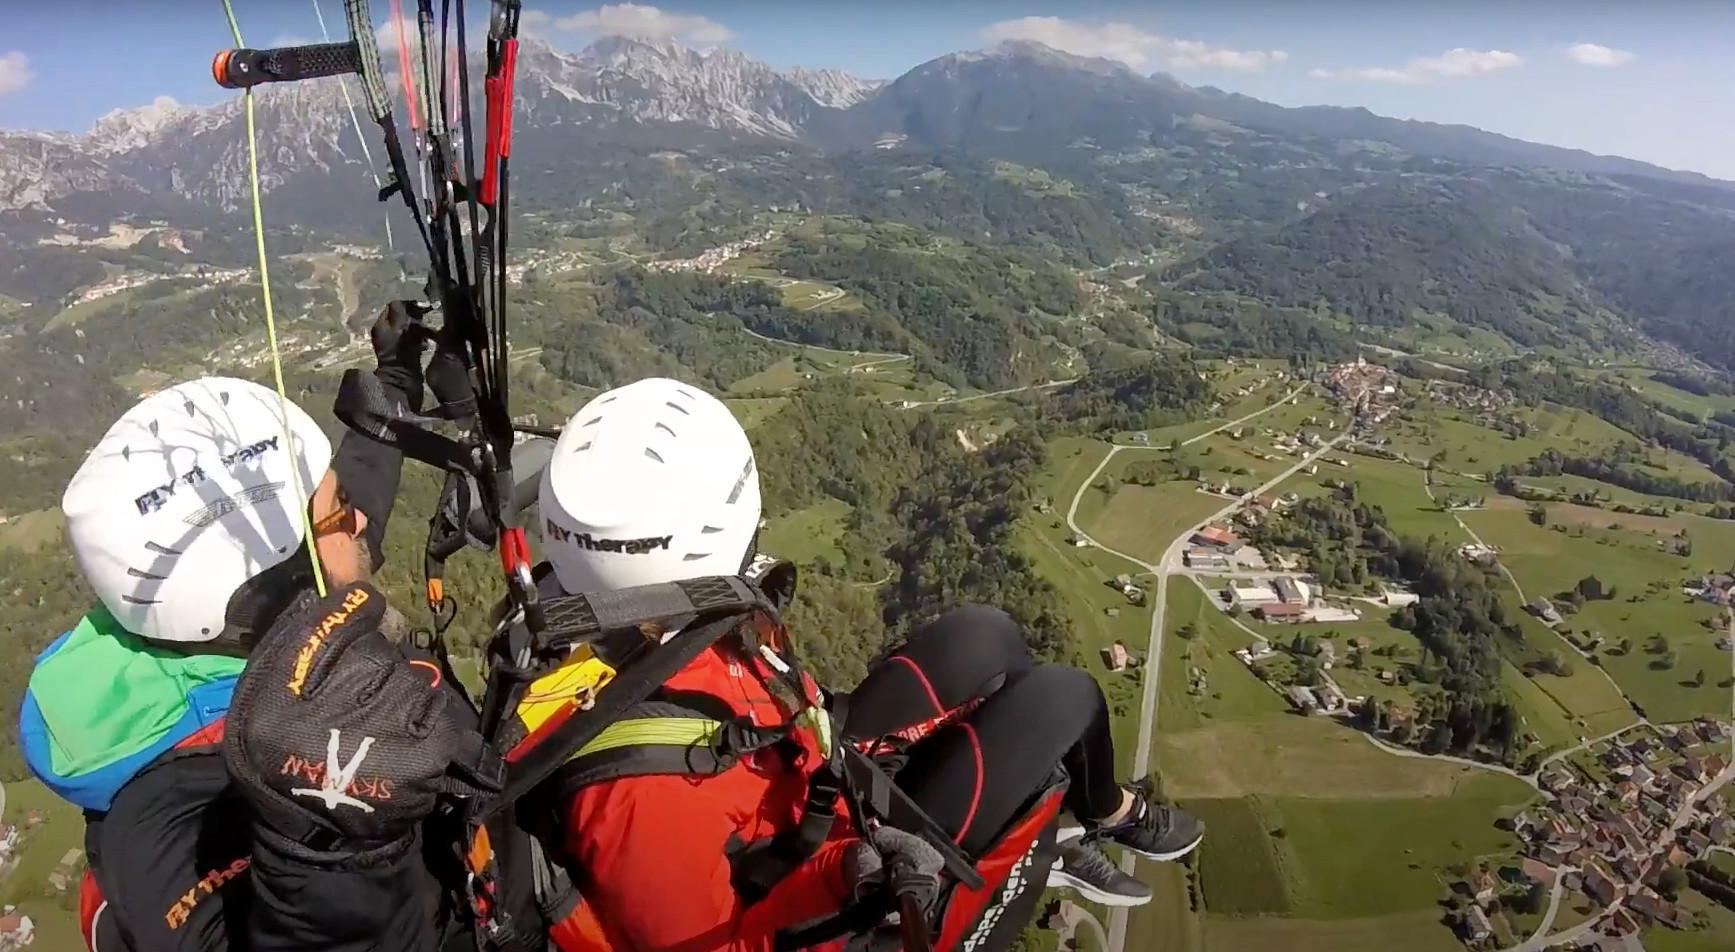 Volo in parapendio biposto sul Monte Dolada